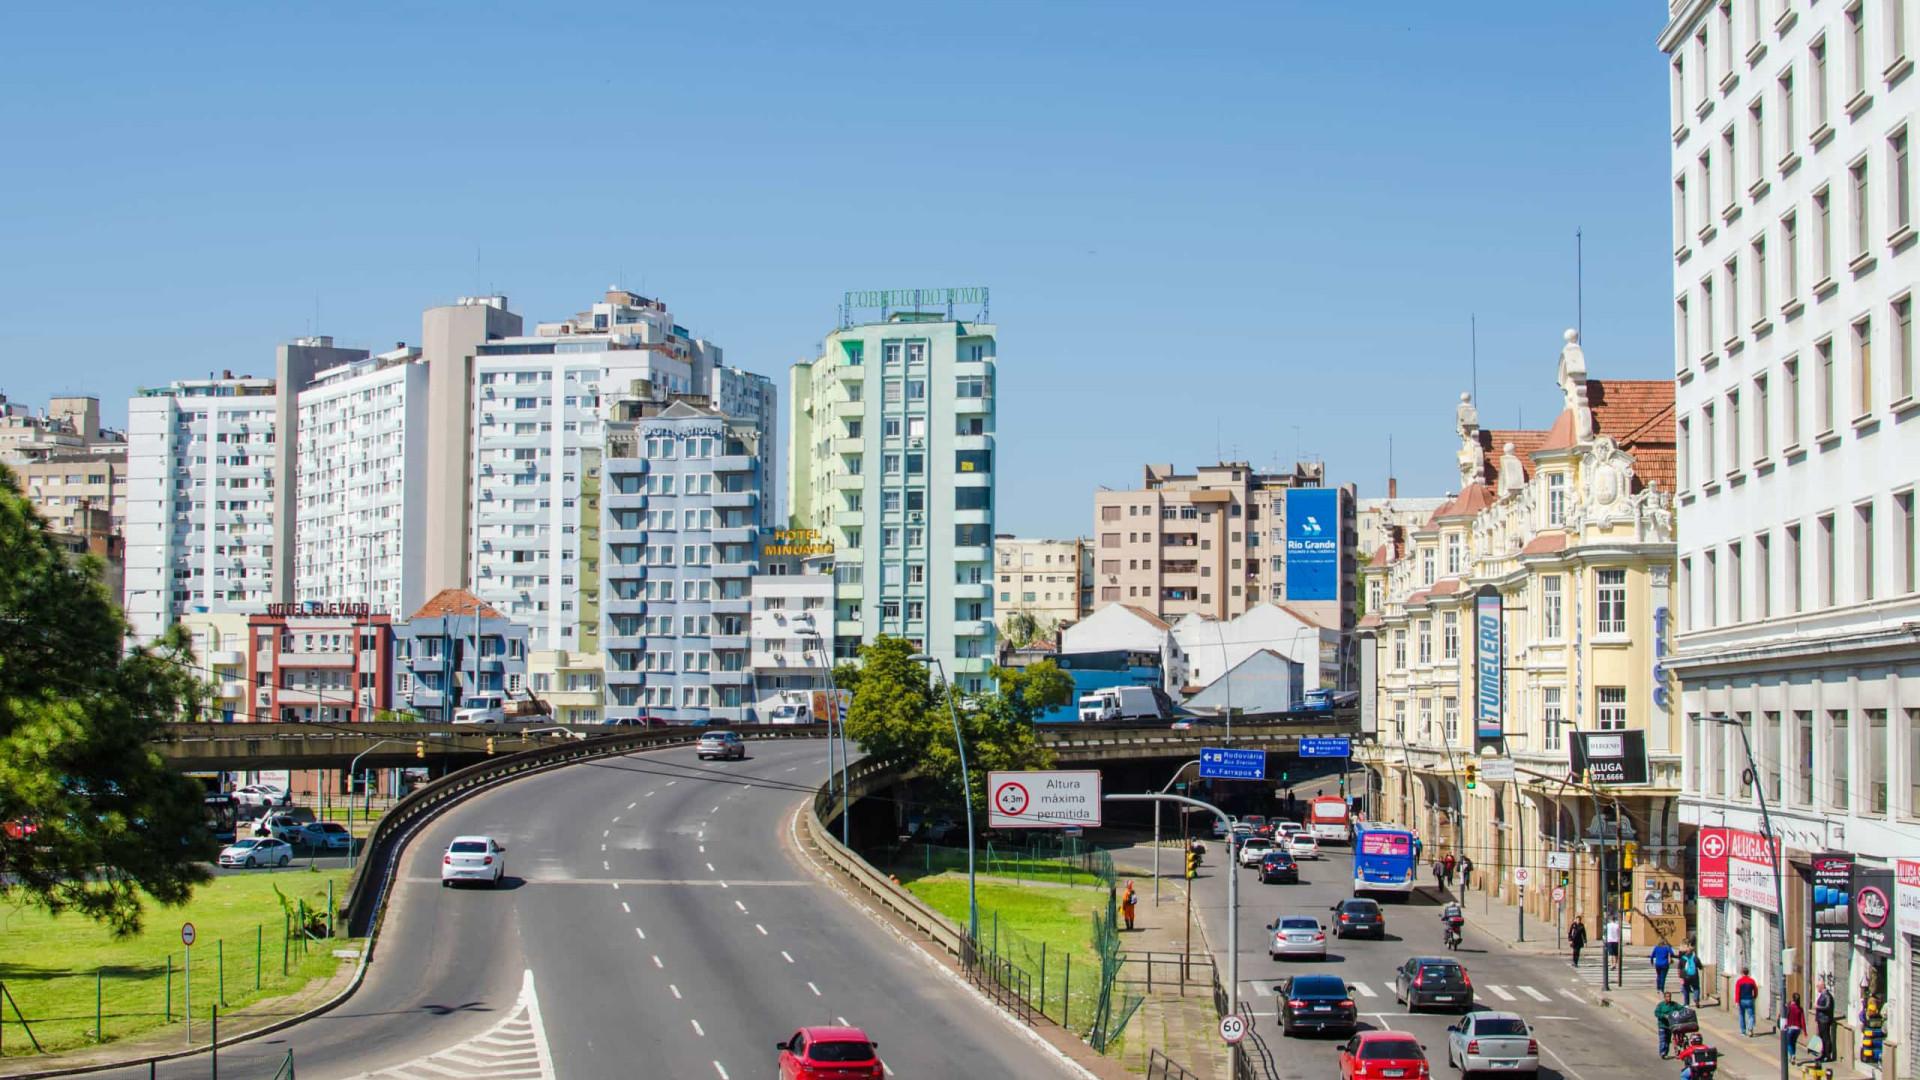 Venda de casas em Porto Alegre cresce 237% durante pandemia